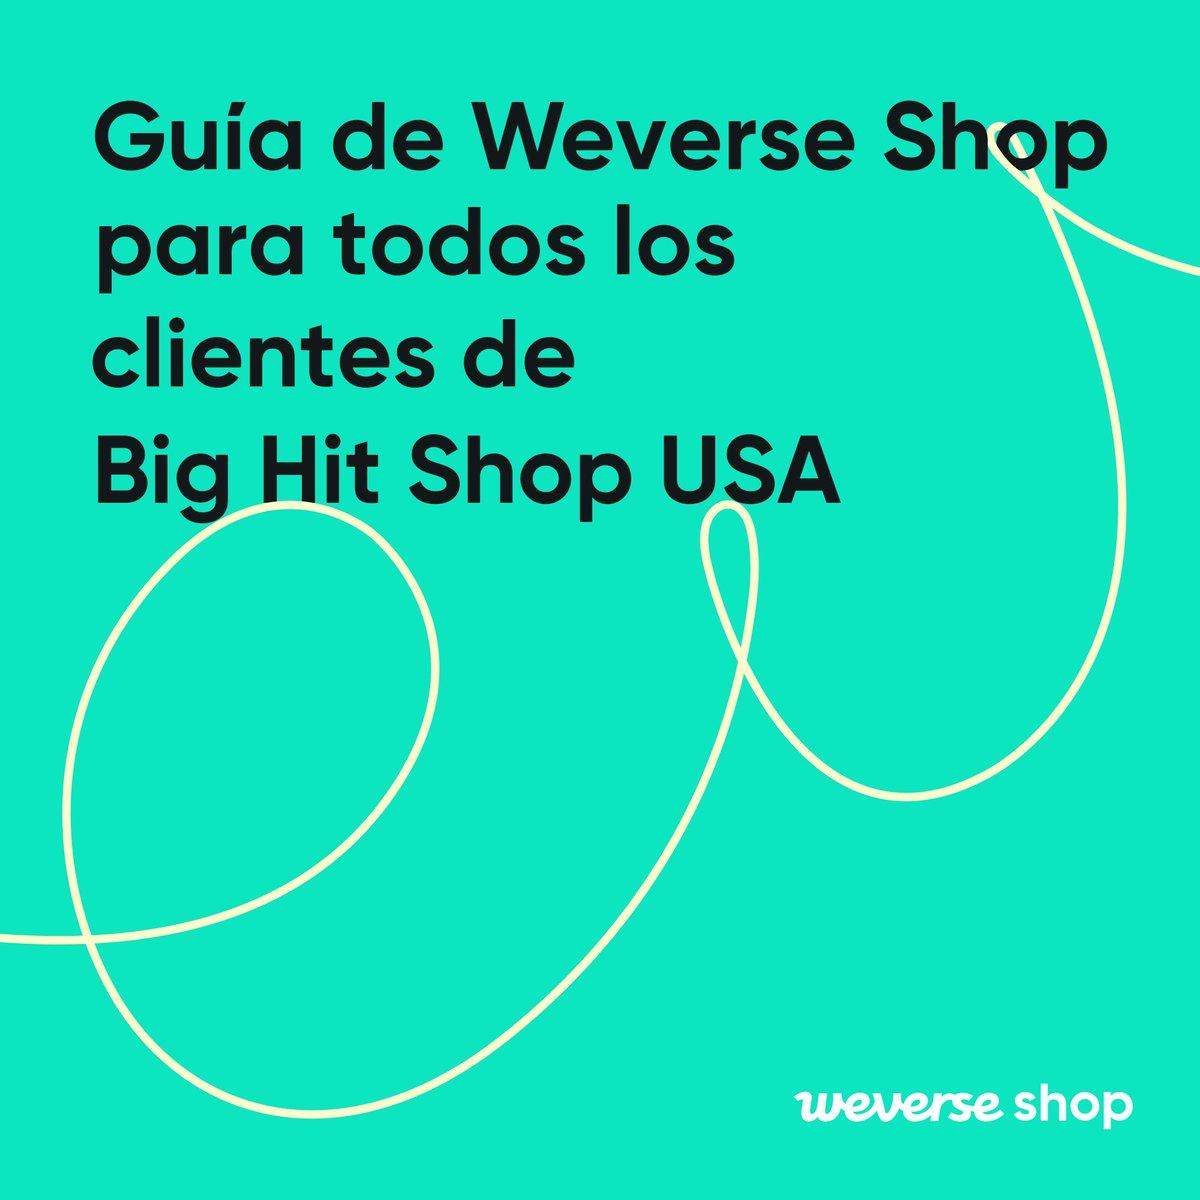 ¡De Big Hit Shop USA a Weverse Shop USA! Si es tu primera vez en Weverse, aquí está nuestra guía sobre cómo comenzar. Descargar Weverse Shop 👉 app.weverseshop.io/h7bwis